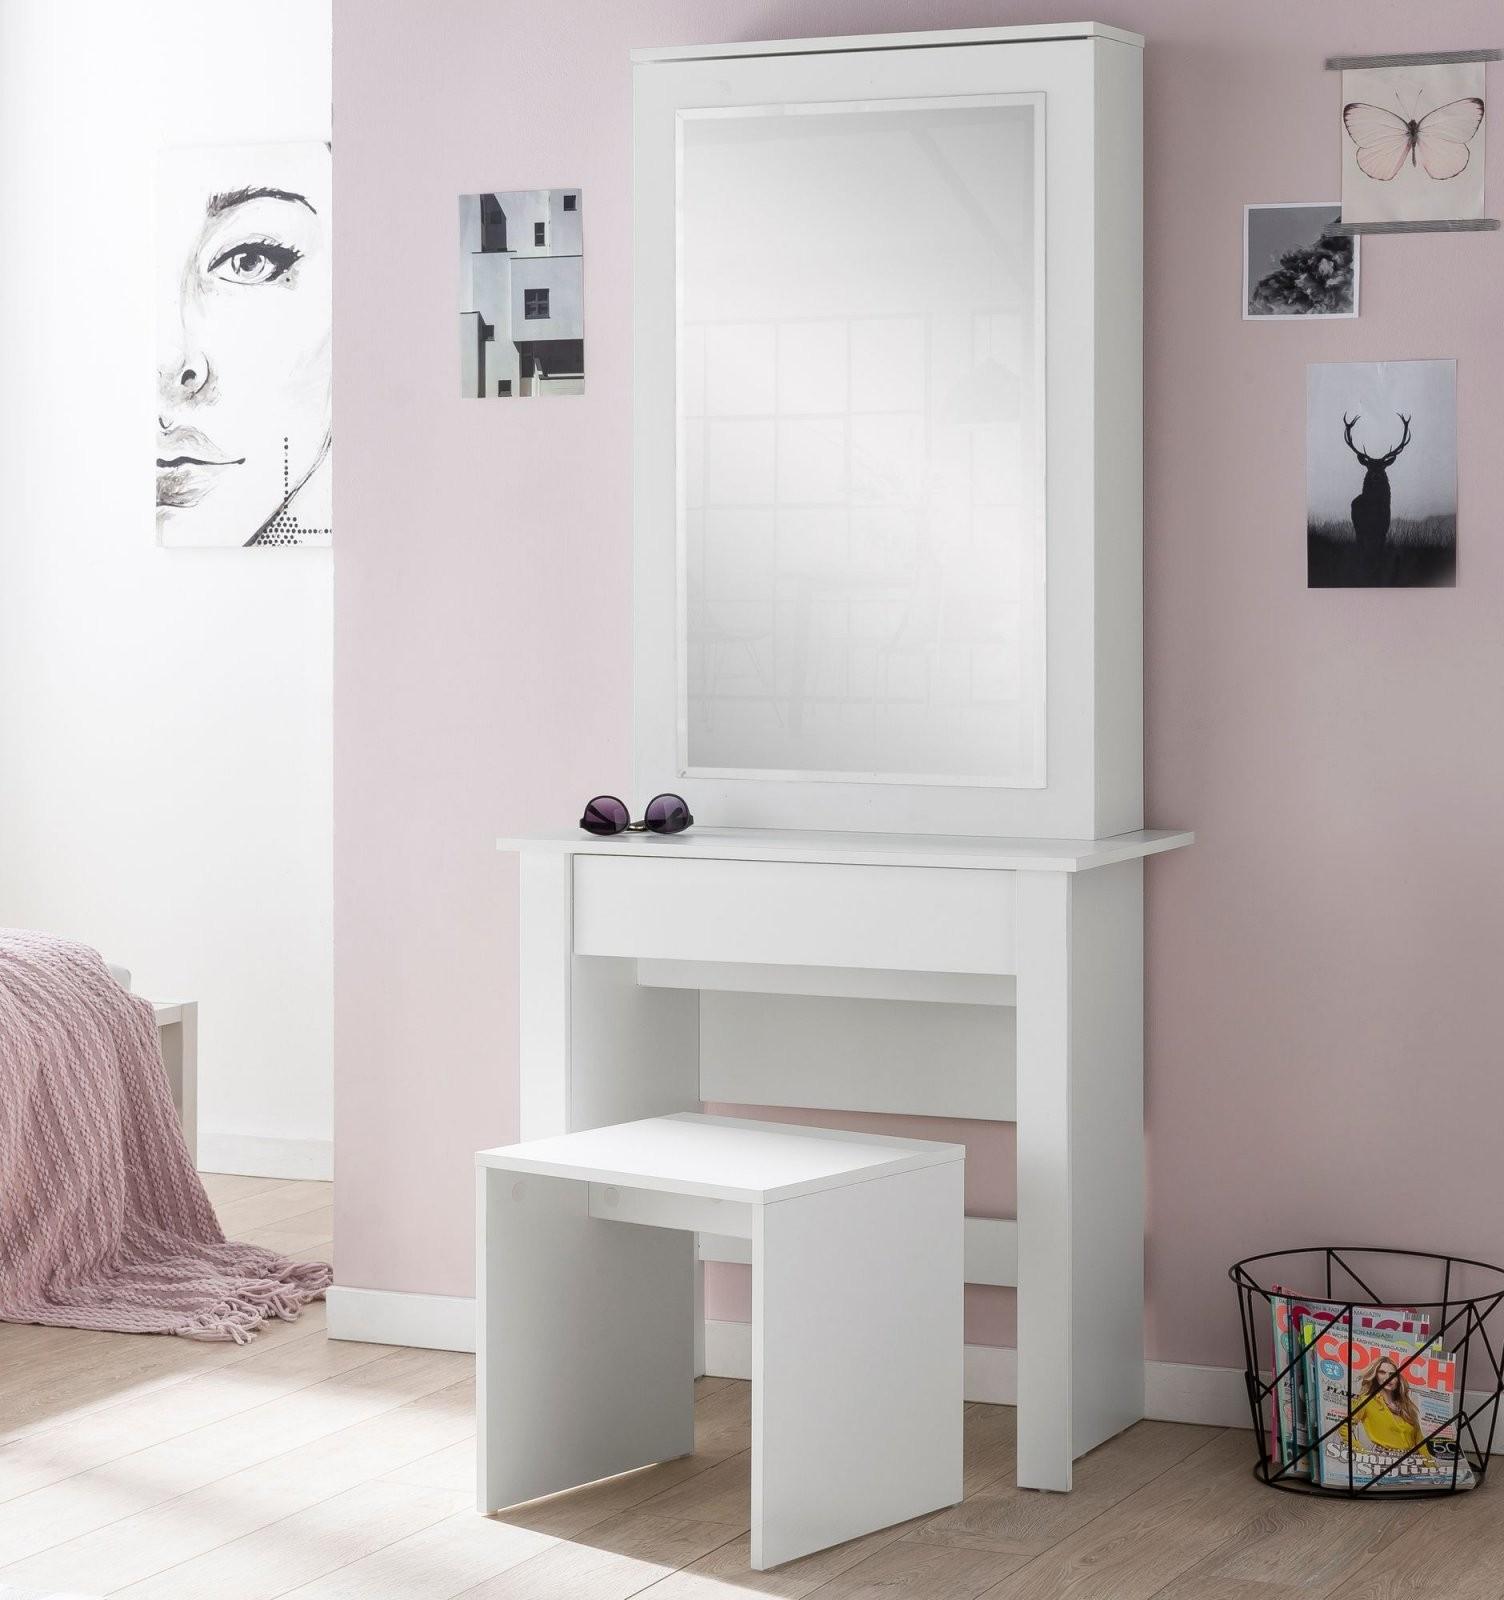 Finebuy Schminktisch Fb51640 73X170X40 Cm Weiß Konsolentisch Holz von Schminktisch Modern Mit Spiegel Photo